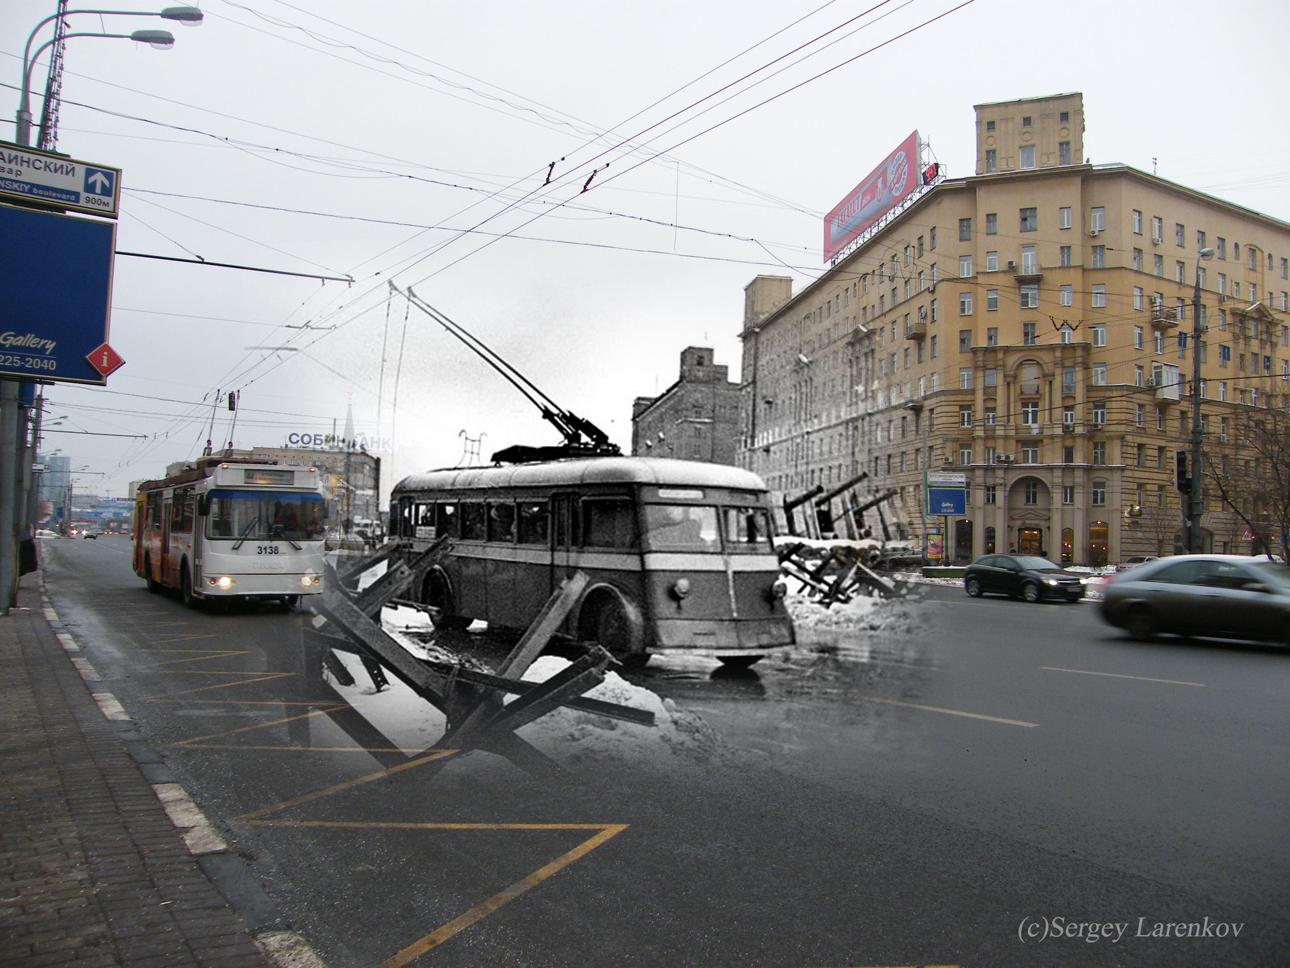 sergey larenkov